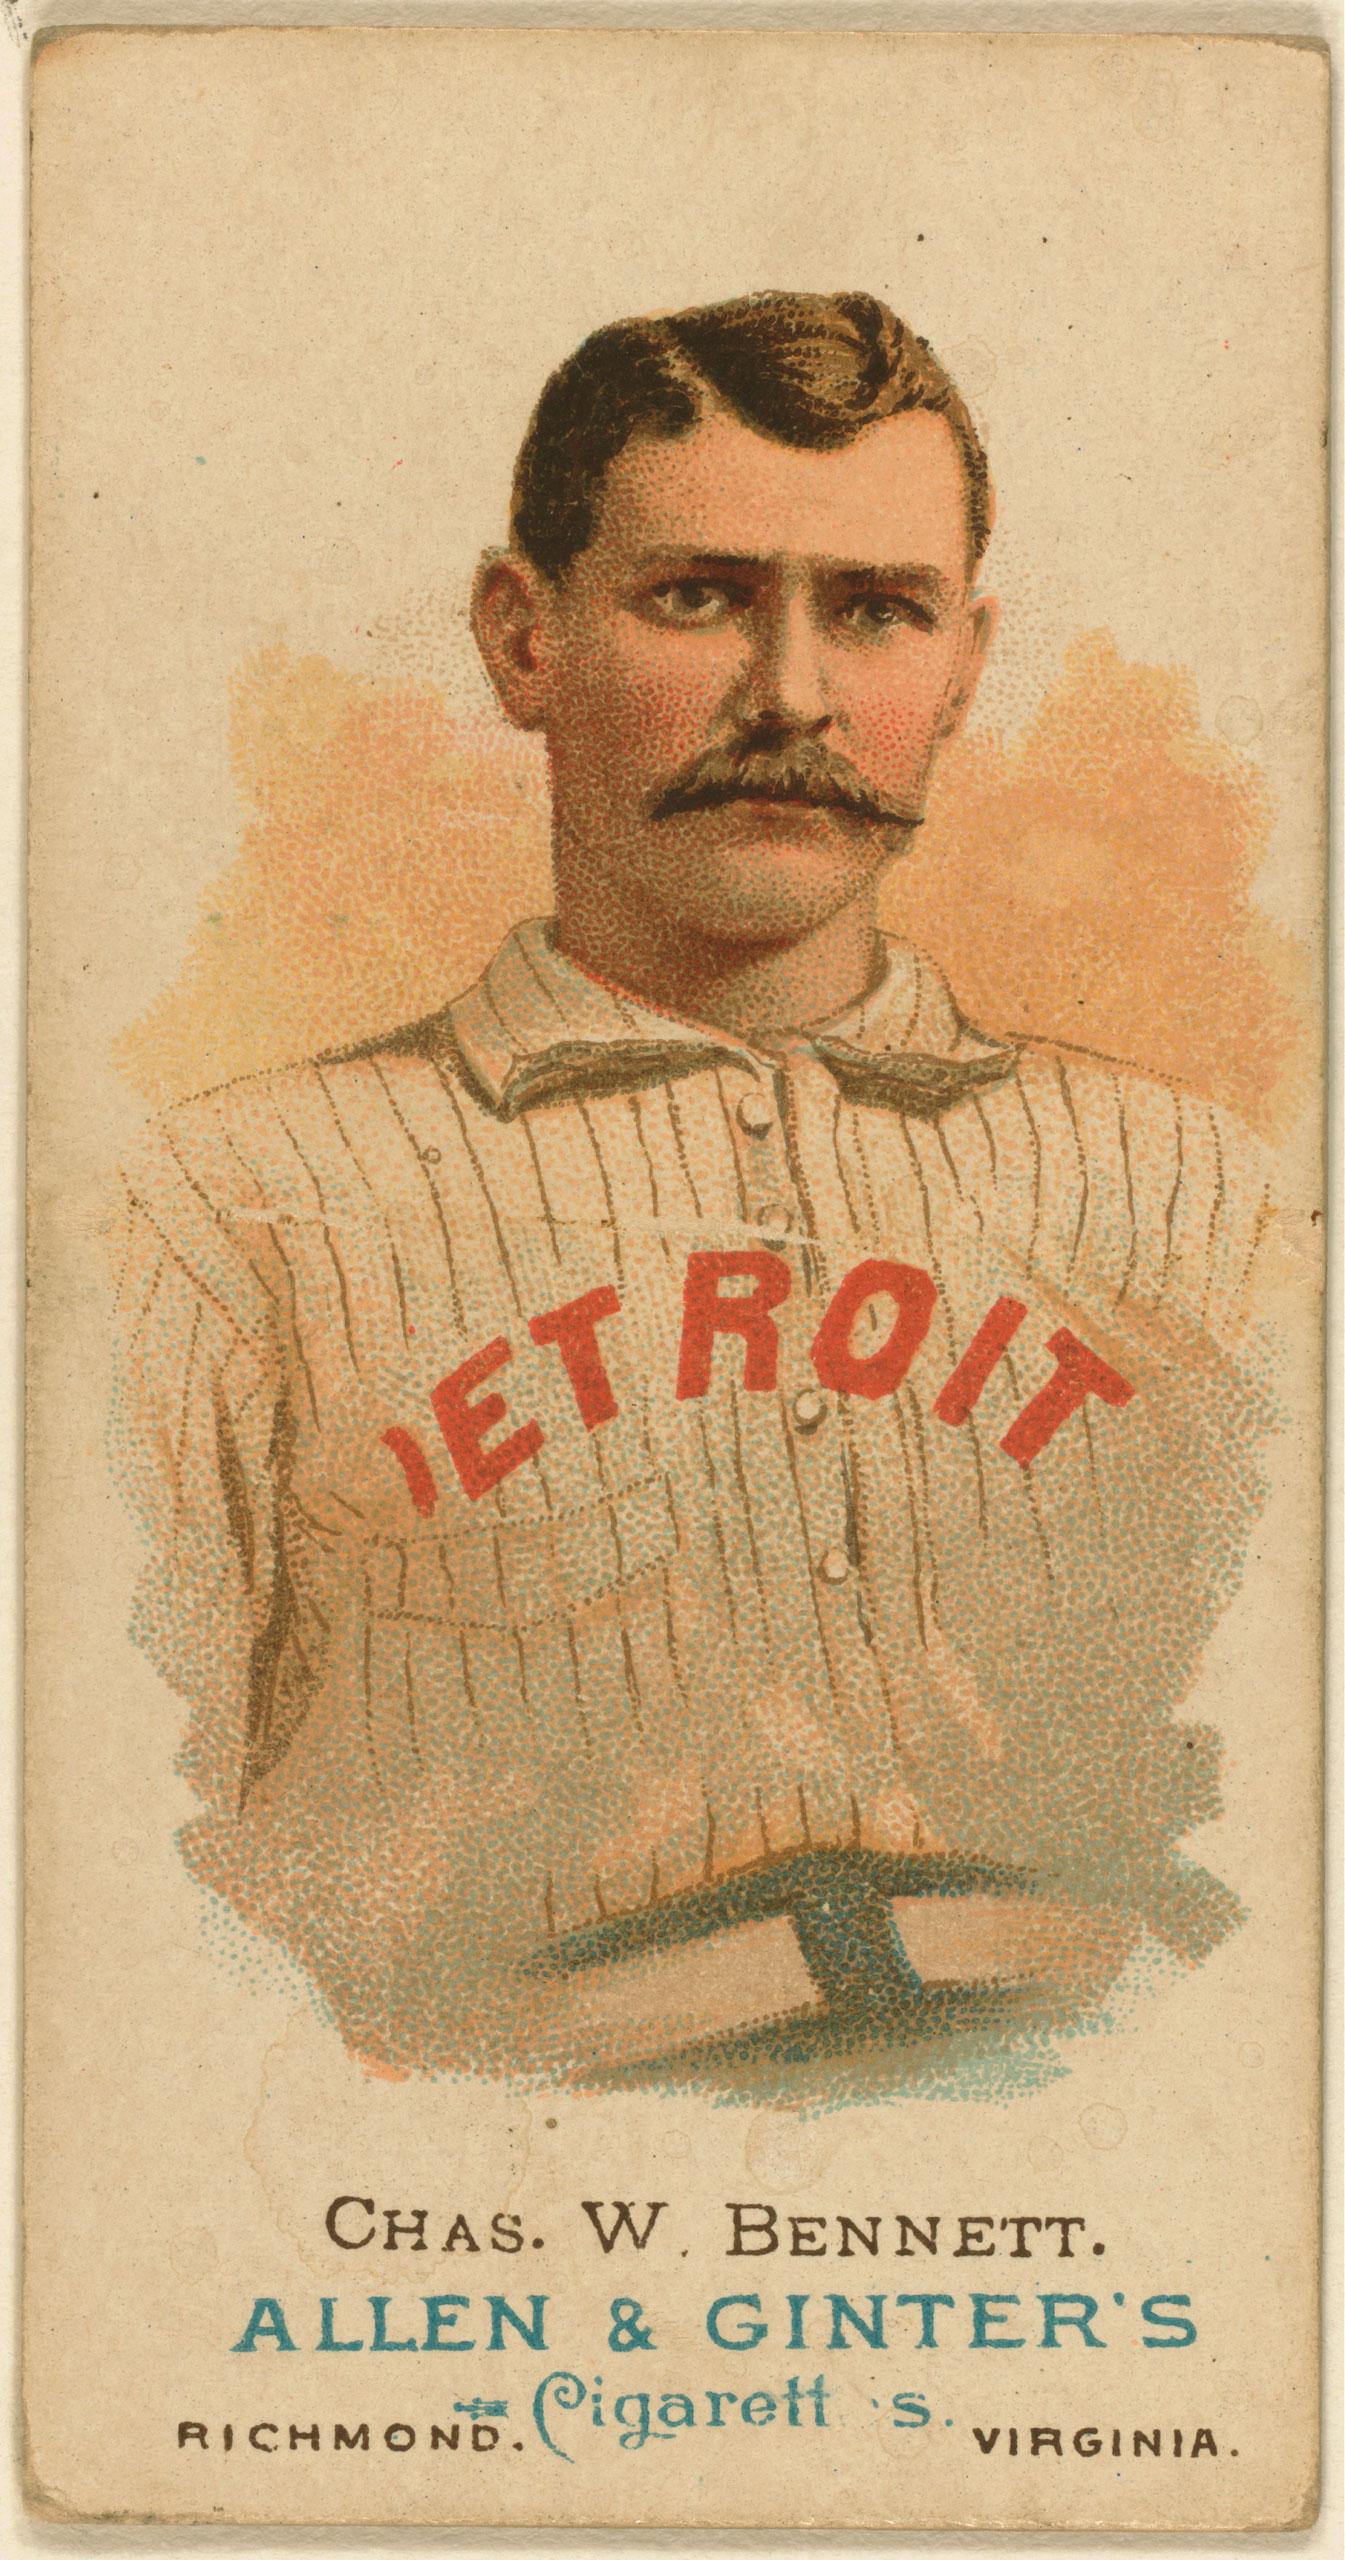 Chas. W. Bennett, Detroit Wolverines, baseball card, 1887.